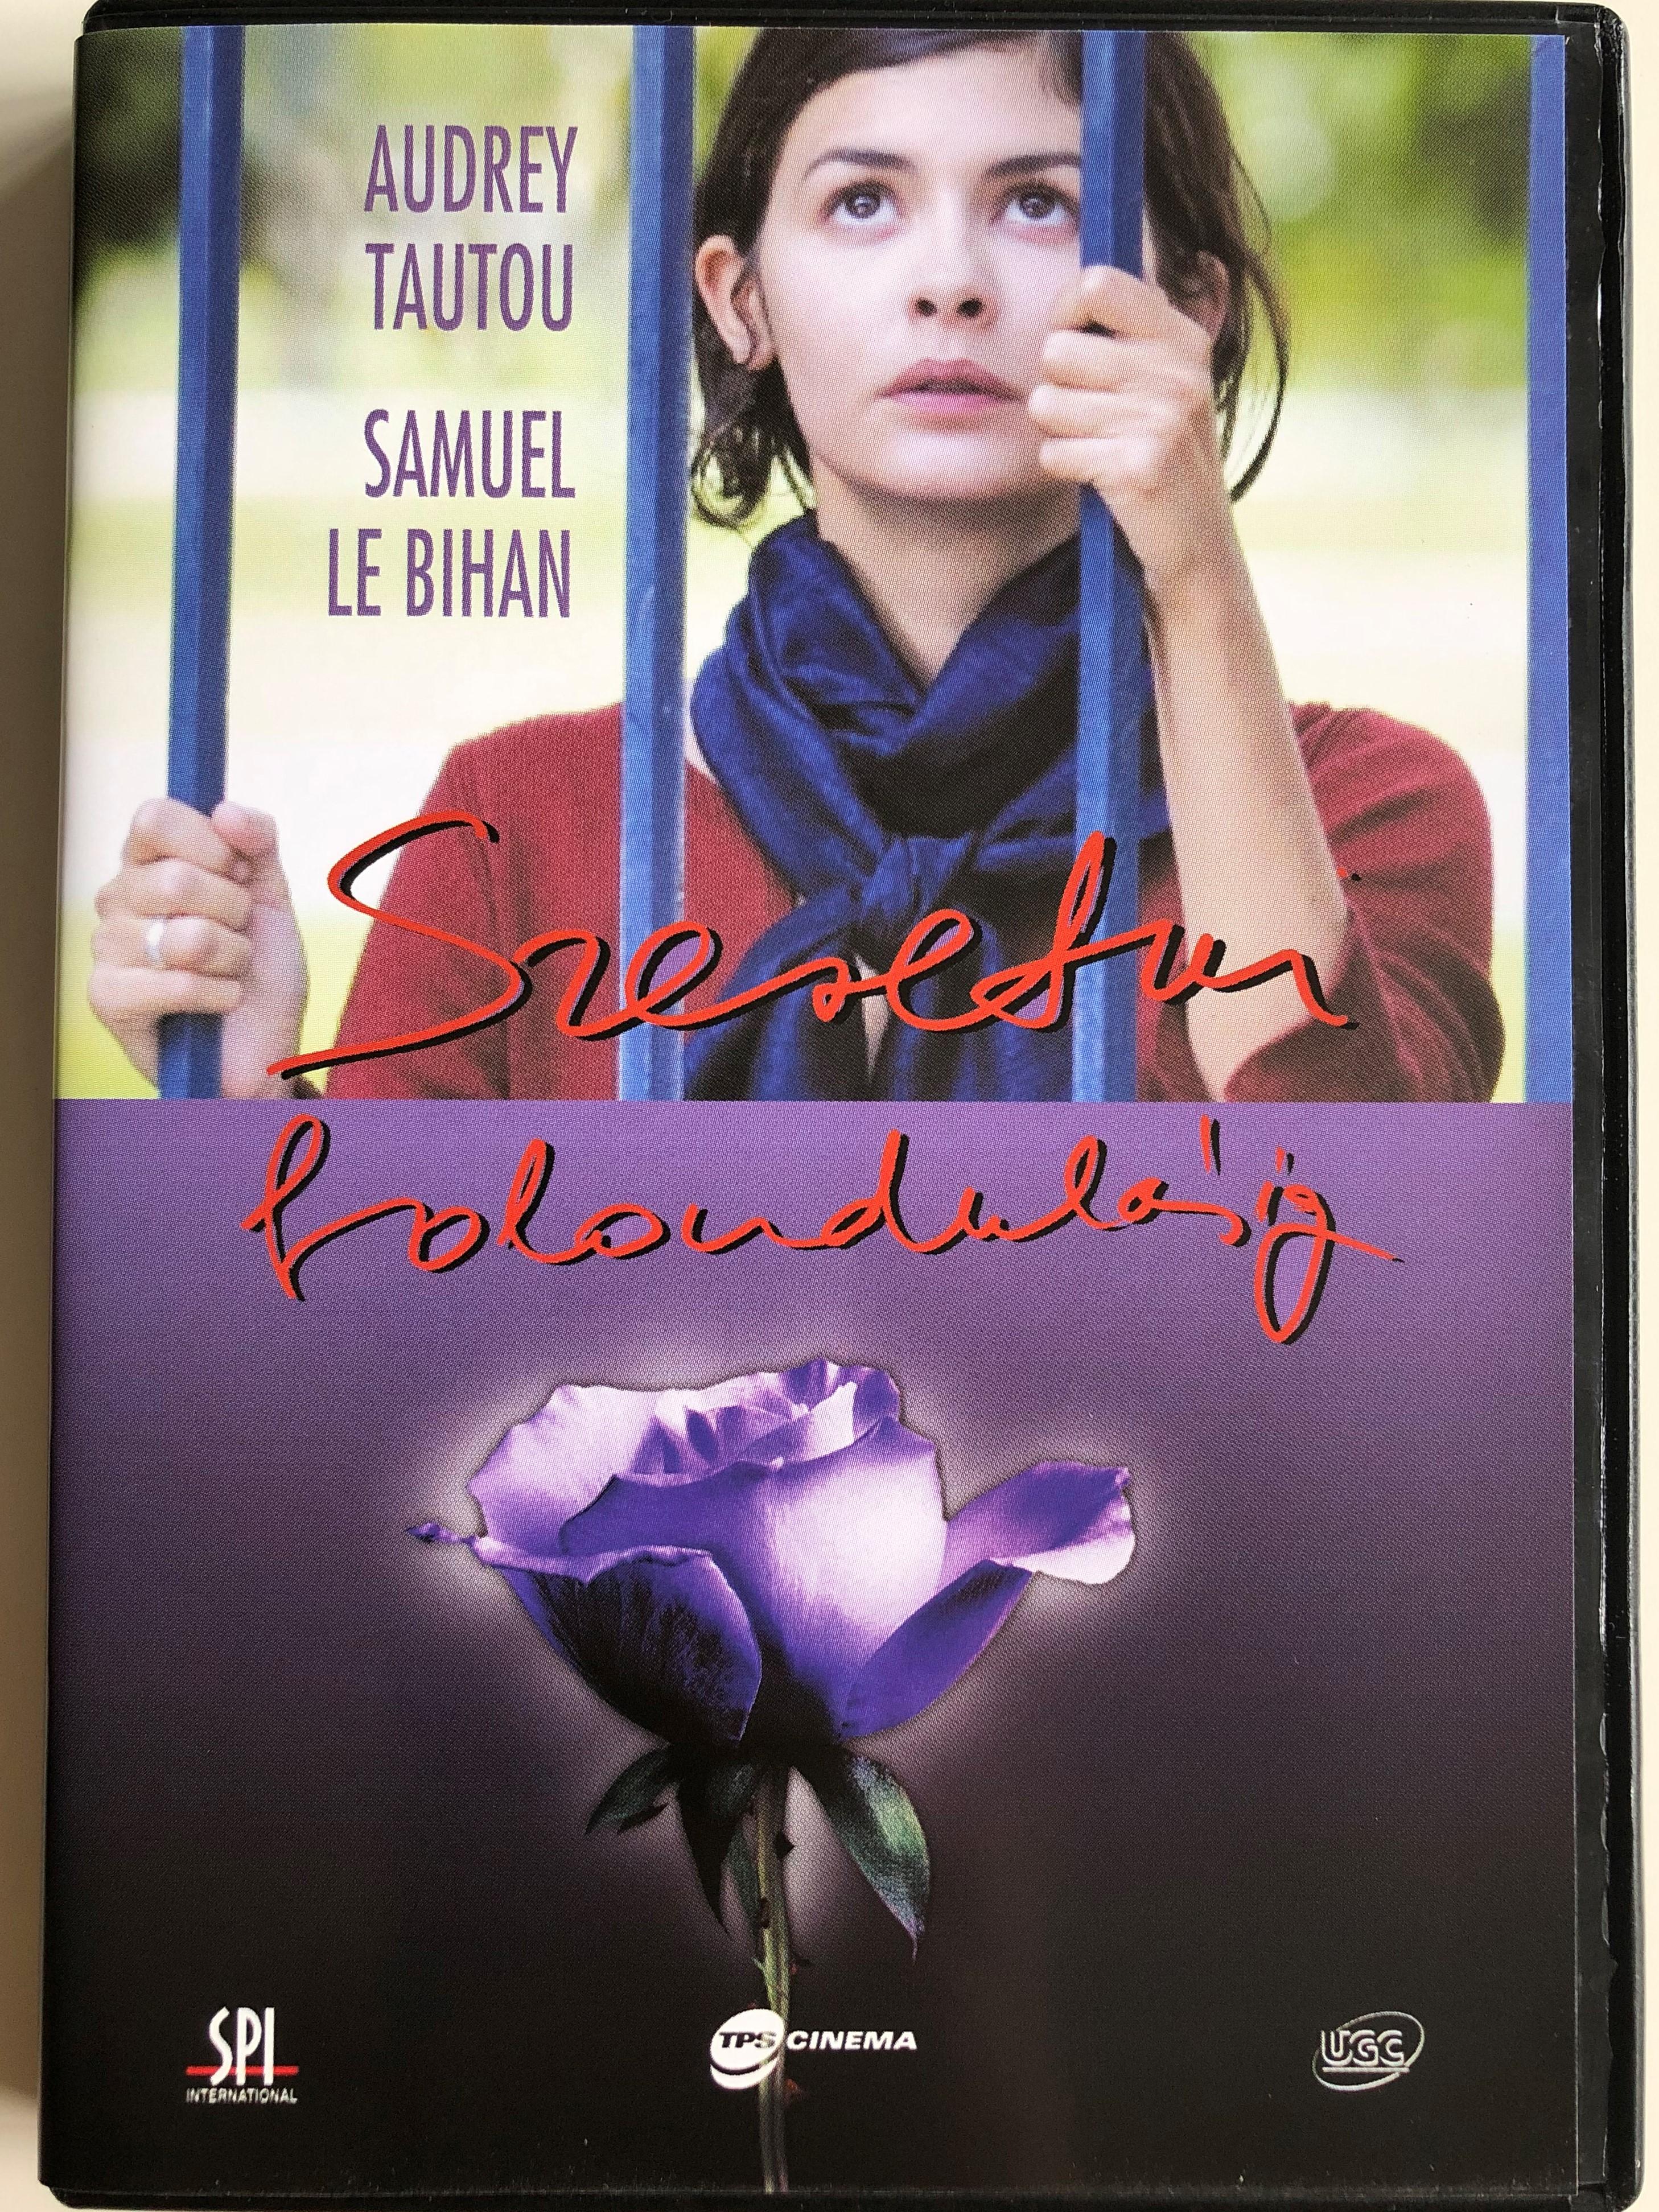 a-la-folie...-pas-du-tout-dvd-2002-szeretni-bolondul-sig-directed-by-l-titia-colombani-starring-audrey-tautou-samuel-le-bihan-1-.jpg